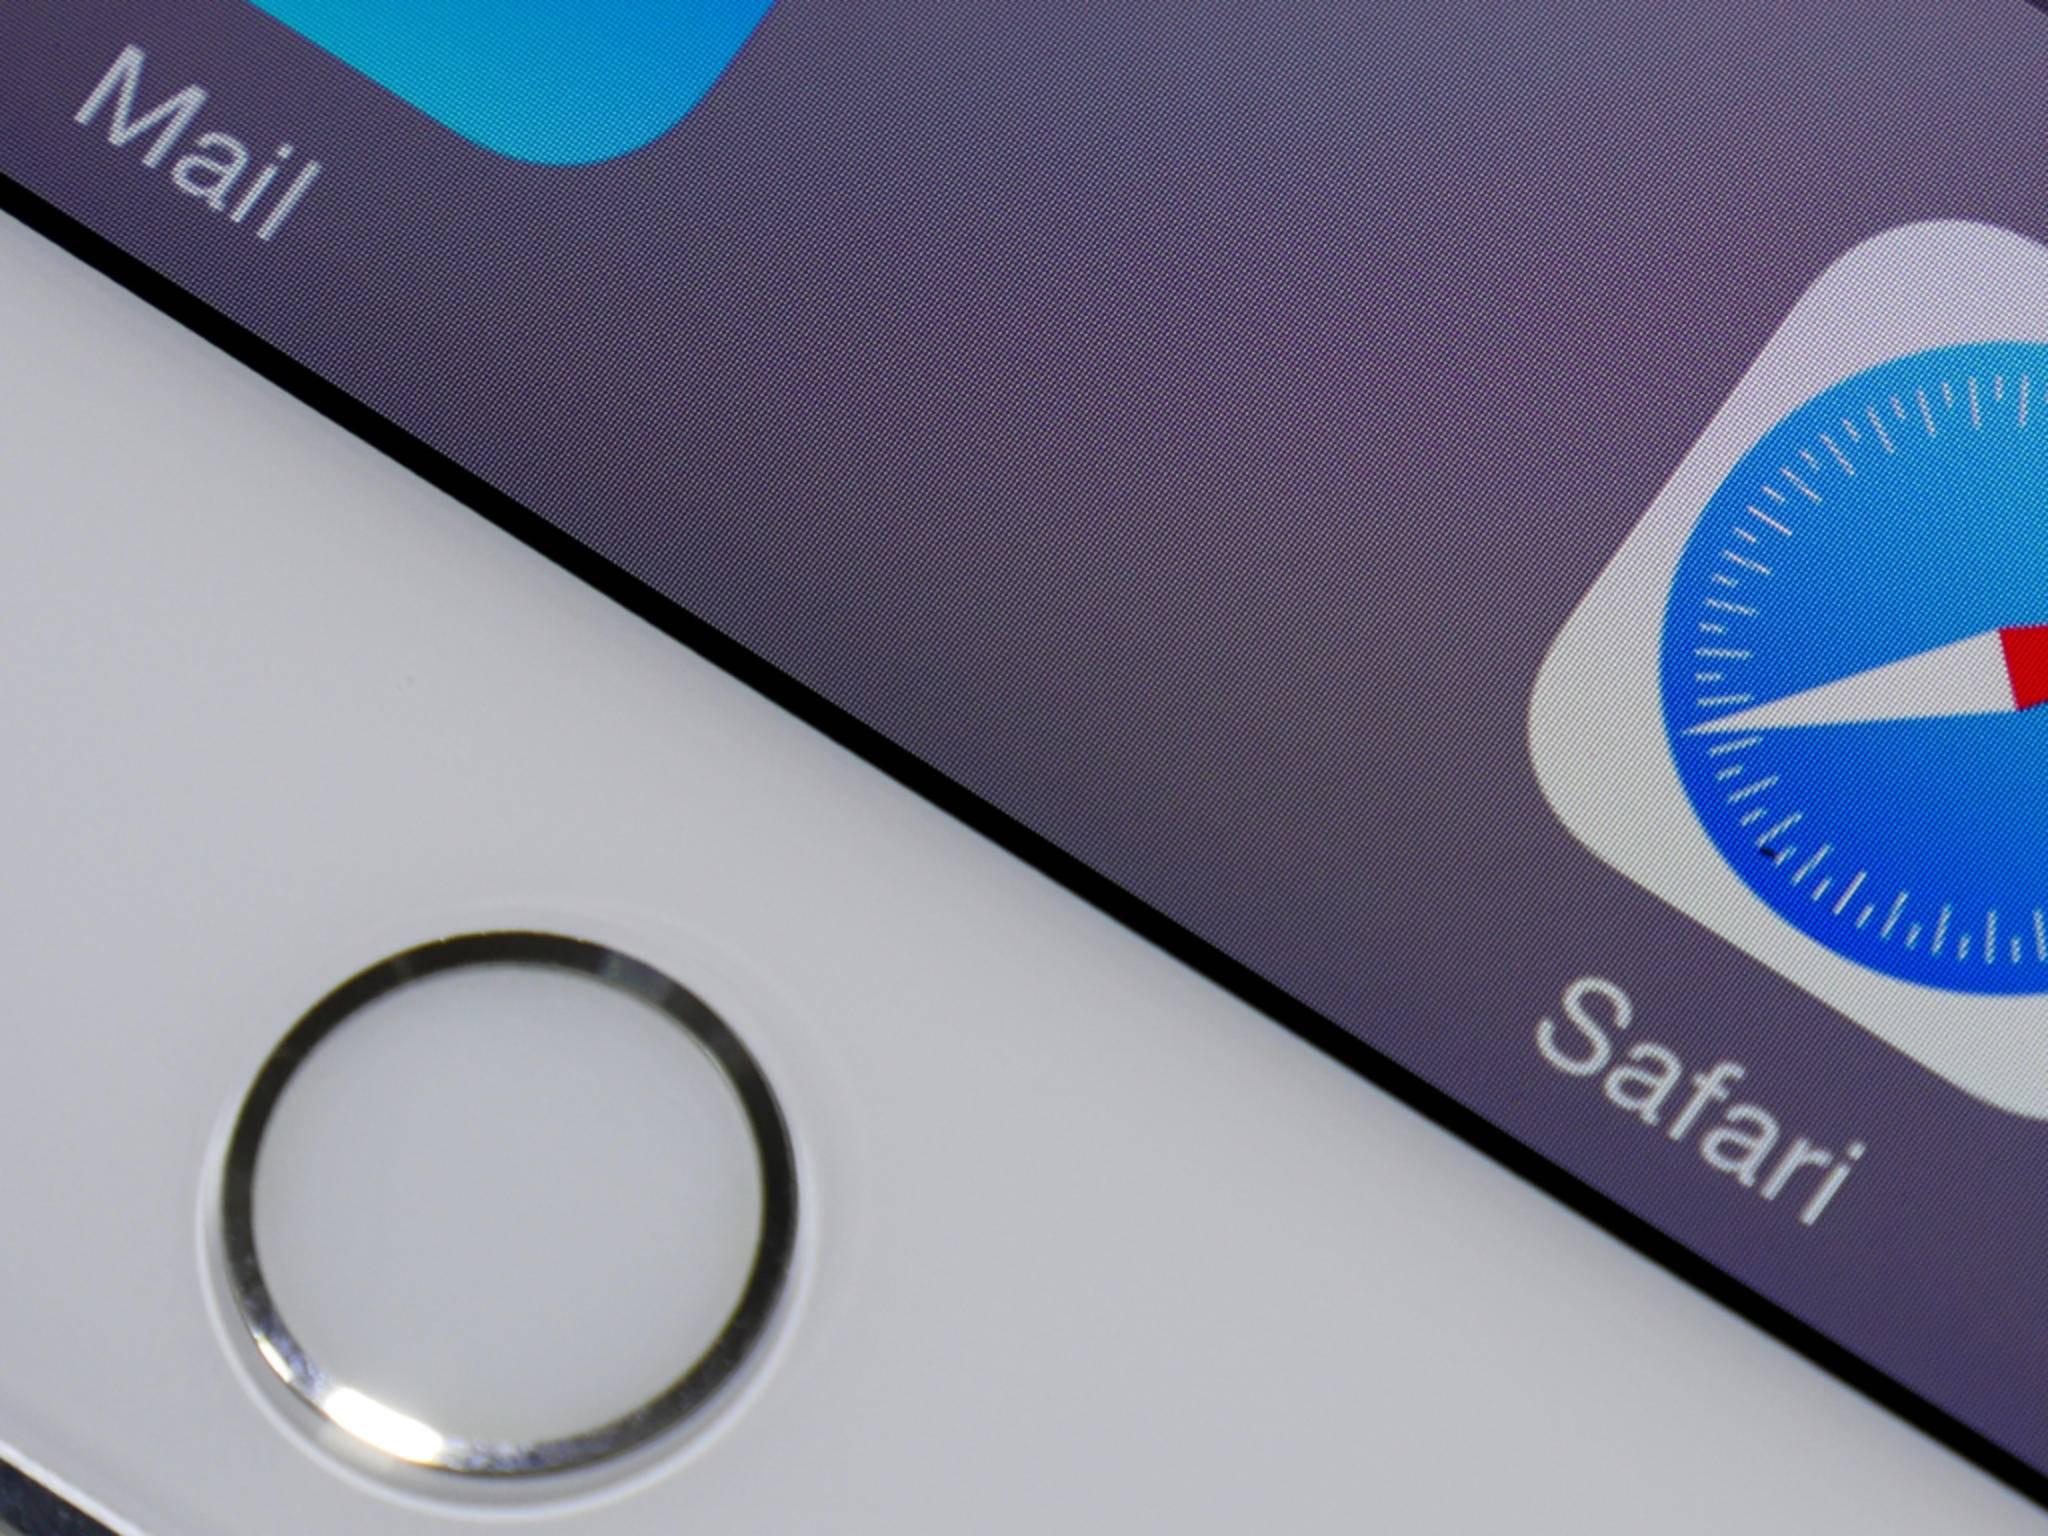 Das iPad Air 2 hat nun auch einen Fingerabdrucksensor.